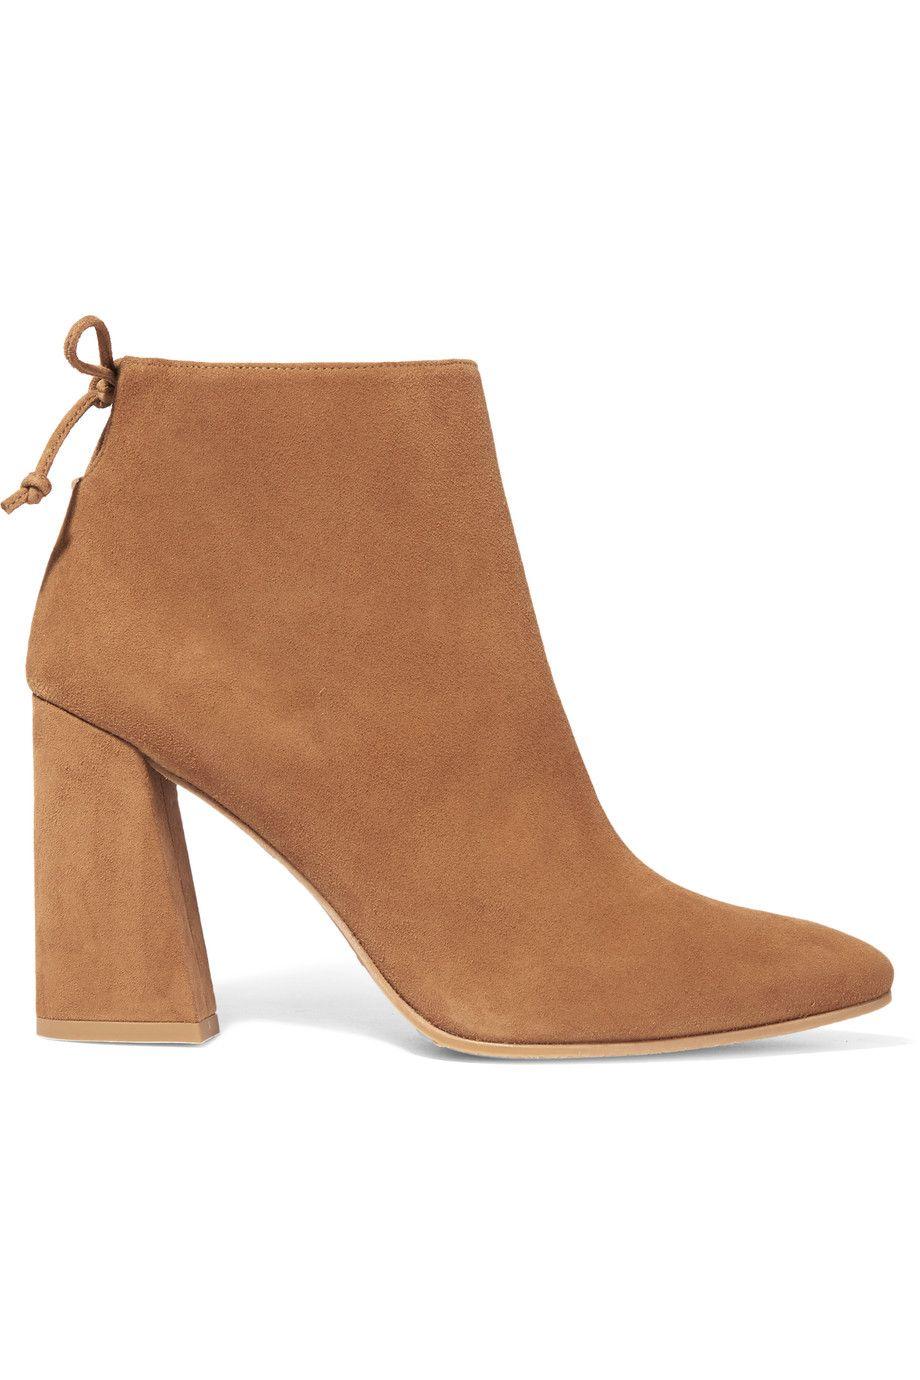 Shop on-sale Stuart Weitzman Grandiose suede ankle boots. Browse ...